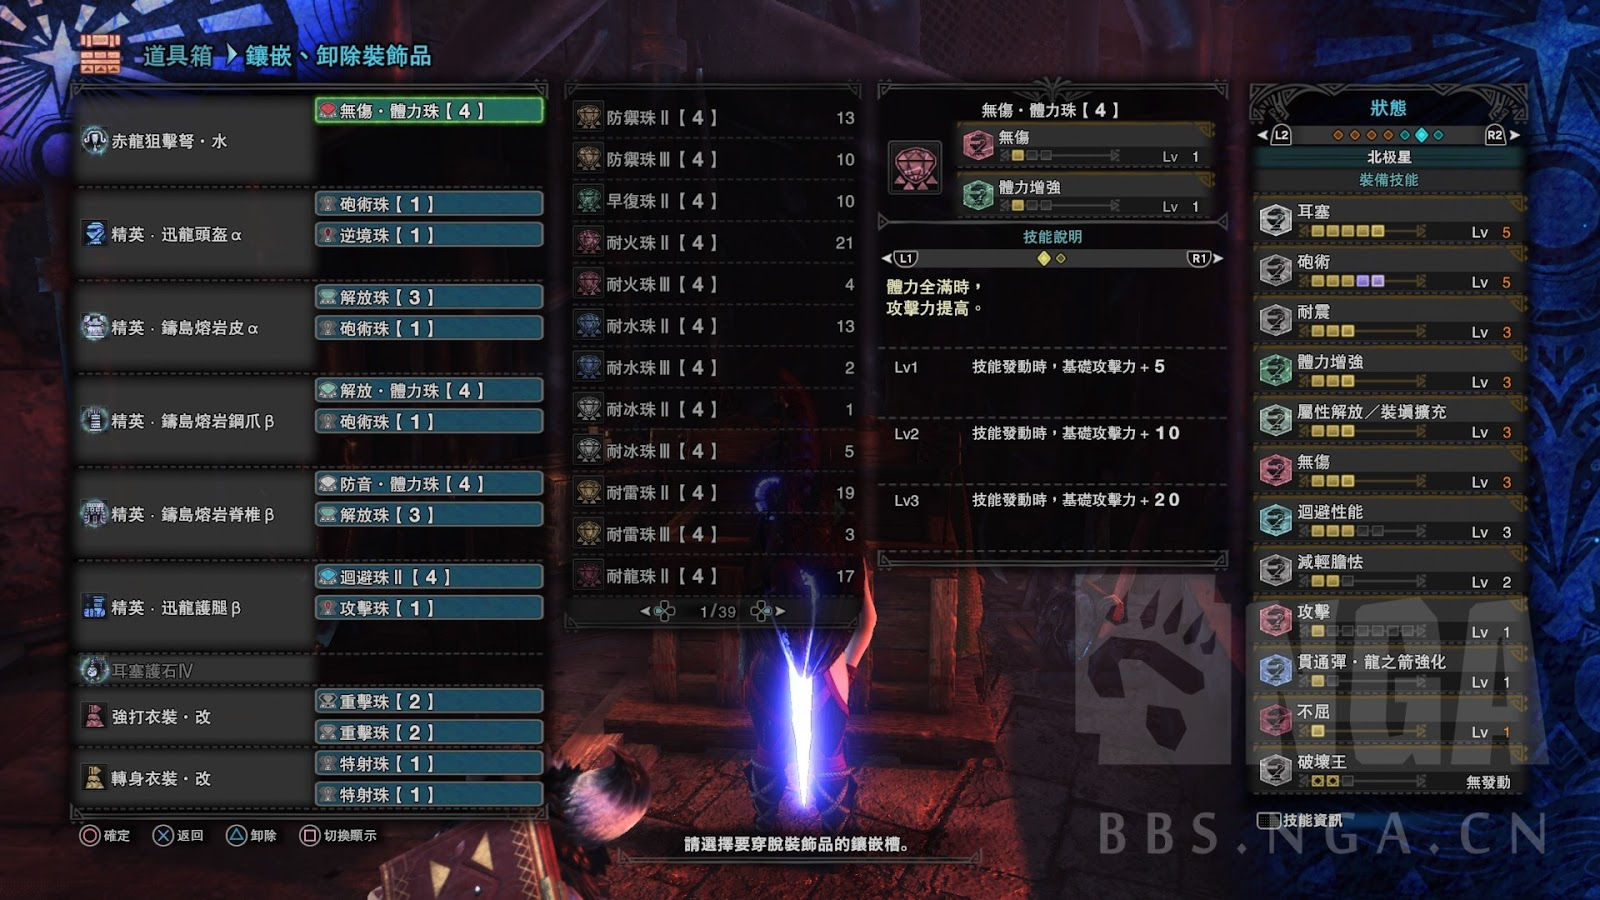 魔物獵人 世界 Iceborne 赤龍水輕弩速射榴彈2傷害計算 | 娛樂計程車